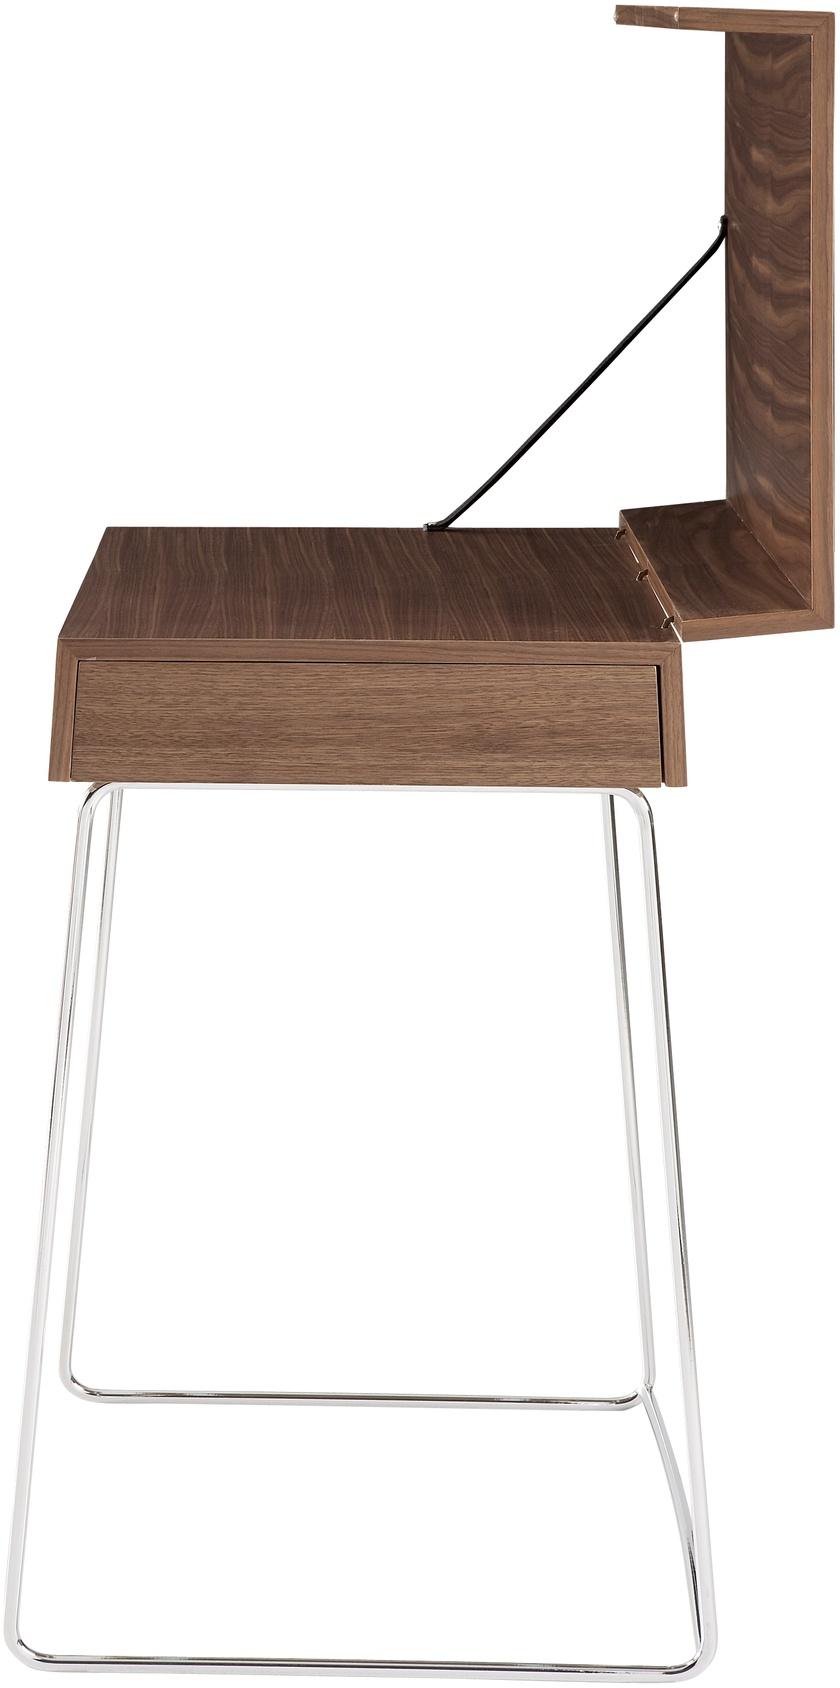 pom 39 s bureaux et secr taires designer julie pfligersdorffer ligne roset. Black Bedroom Furniture Sets. Home Design Ideas